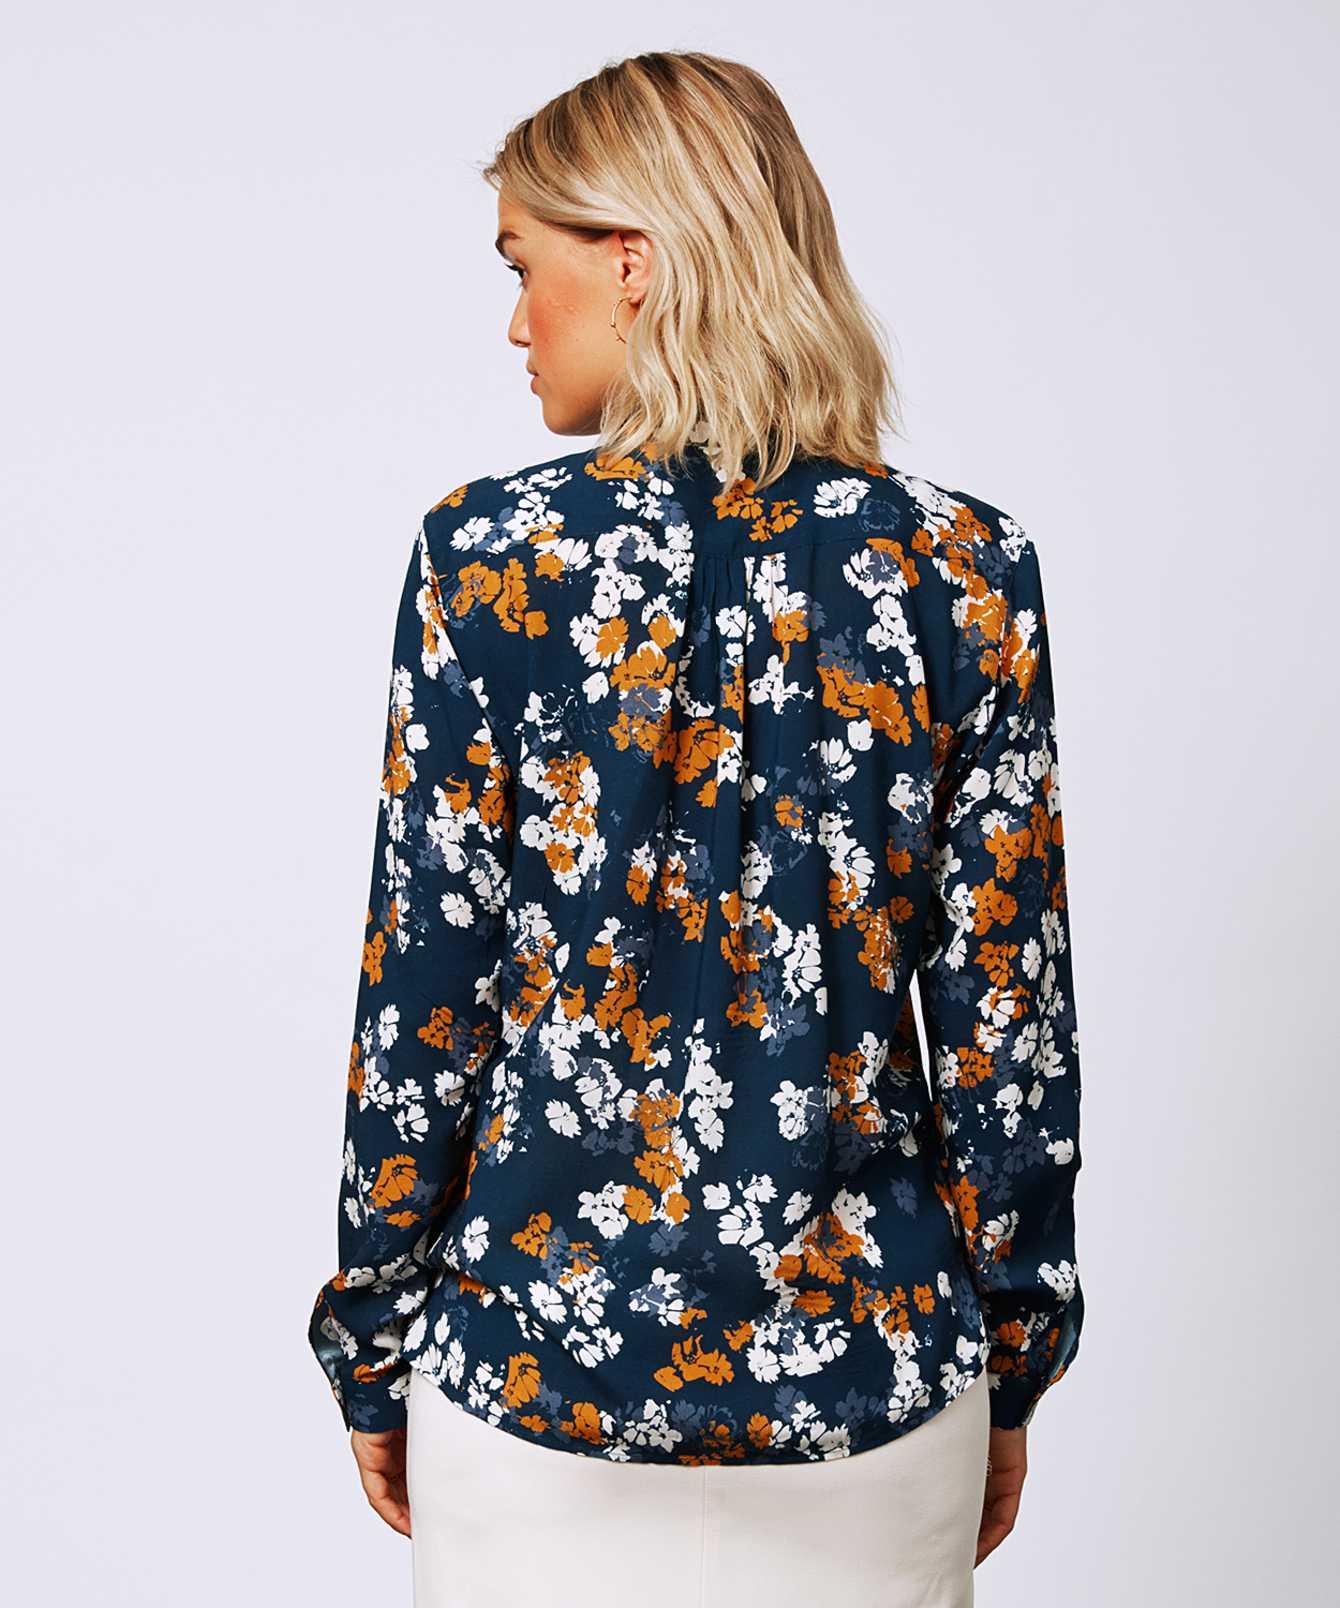 Skjorta Gina Floral  The Shirt Factory